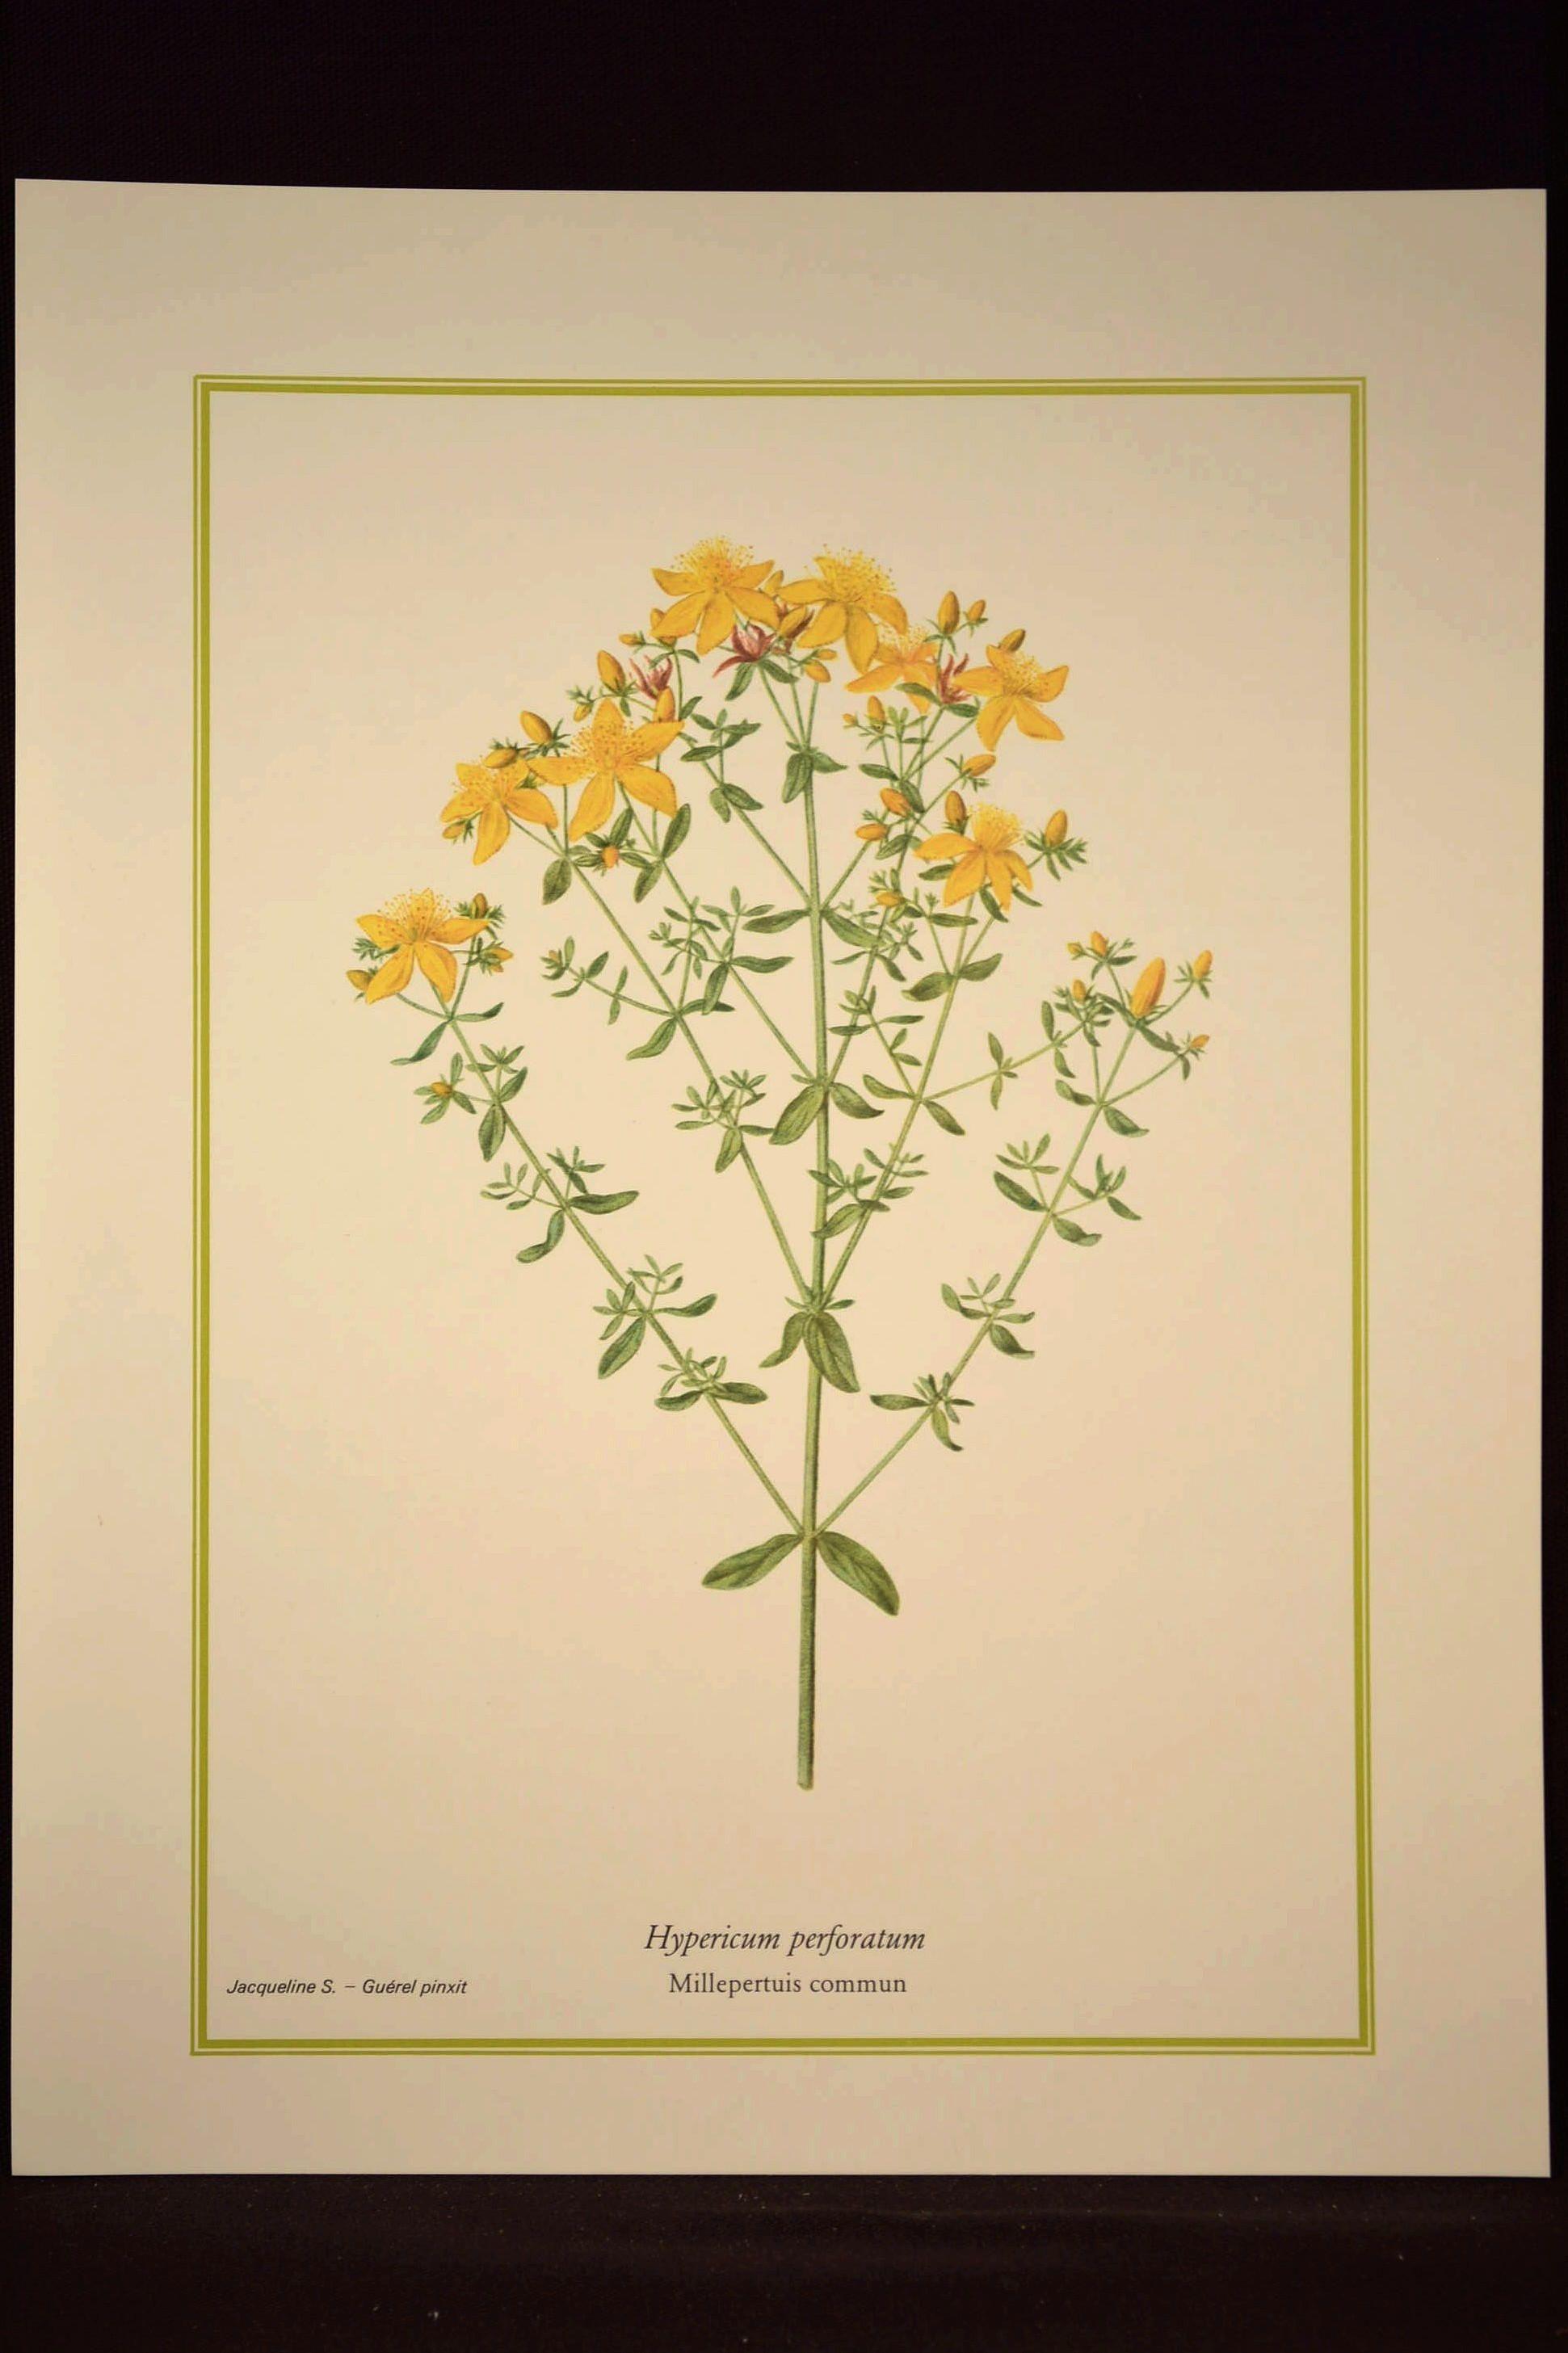 St Johns Wort Flower Print Yellow Flower Wall Art Print | Nature ...